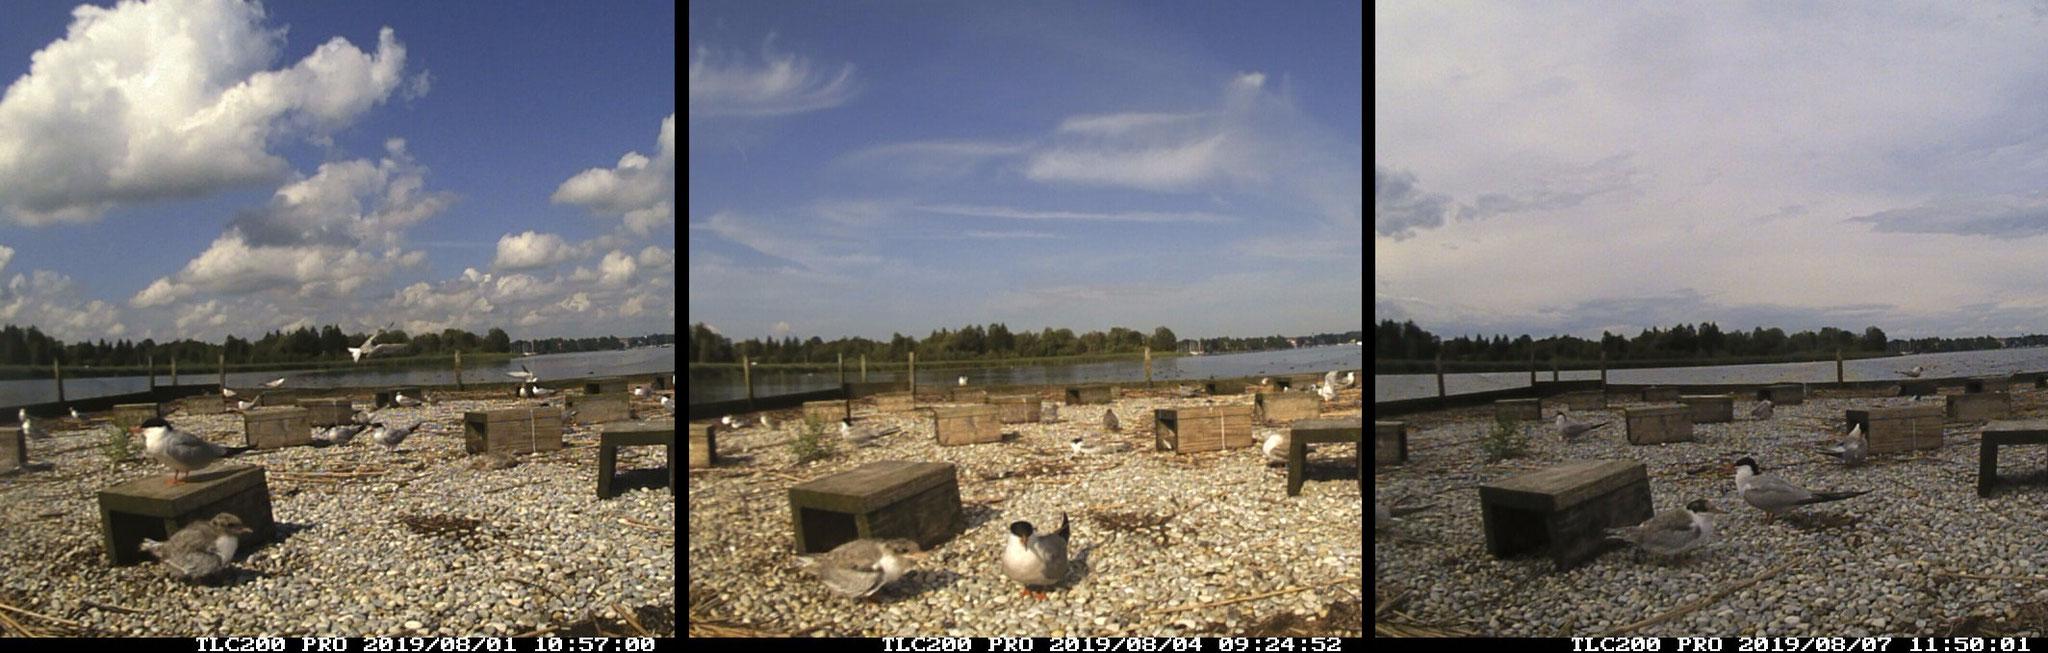 Die Aufnahmen vom 01.-07.08.2019 zeigen das schnelle Wachstum des Jungvogels (linsk vorne). Auch das Gefieder wechselt vom Kükenflaum zum Jugendkleid.